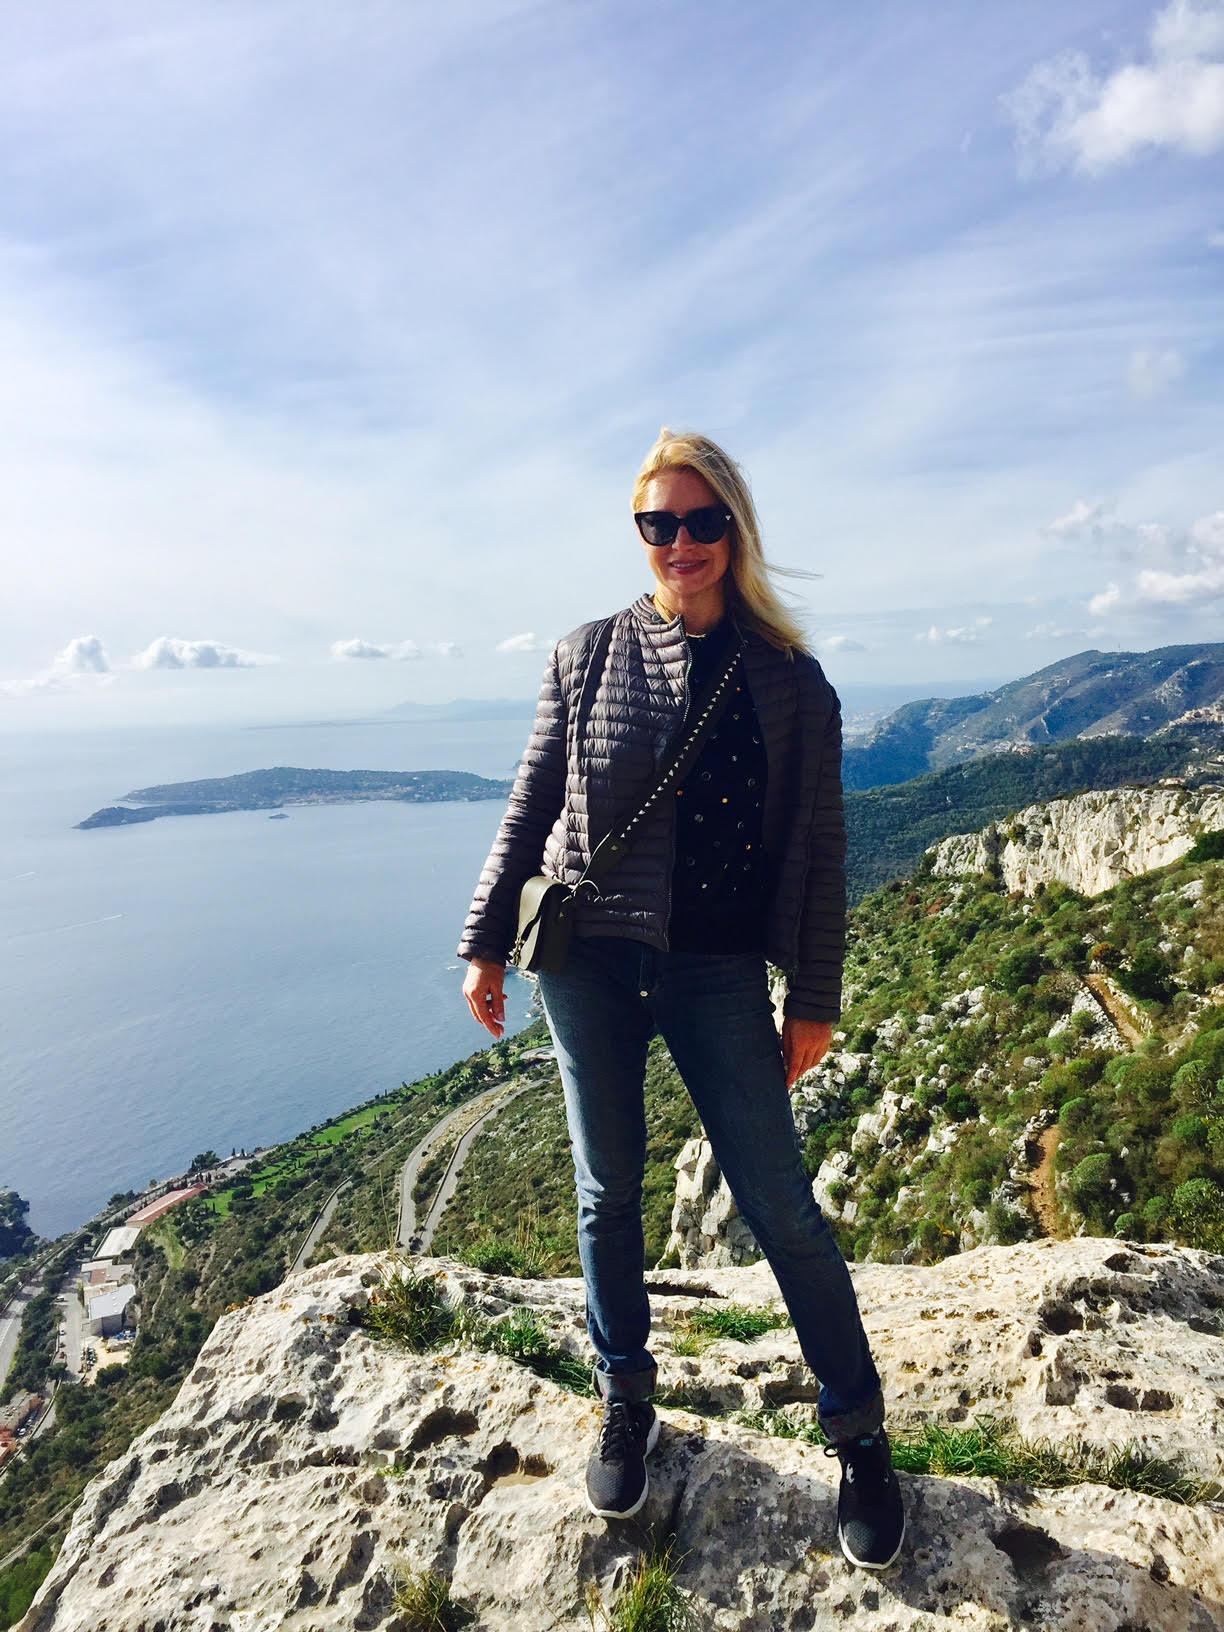 Главный редактор HelloMonaco Ольга Таран на горе горе Tête de chien